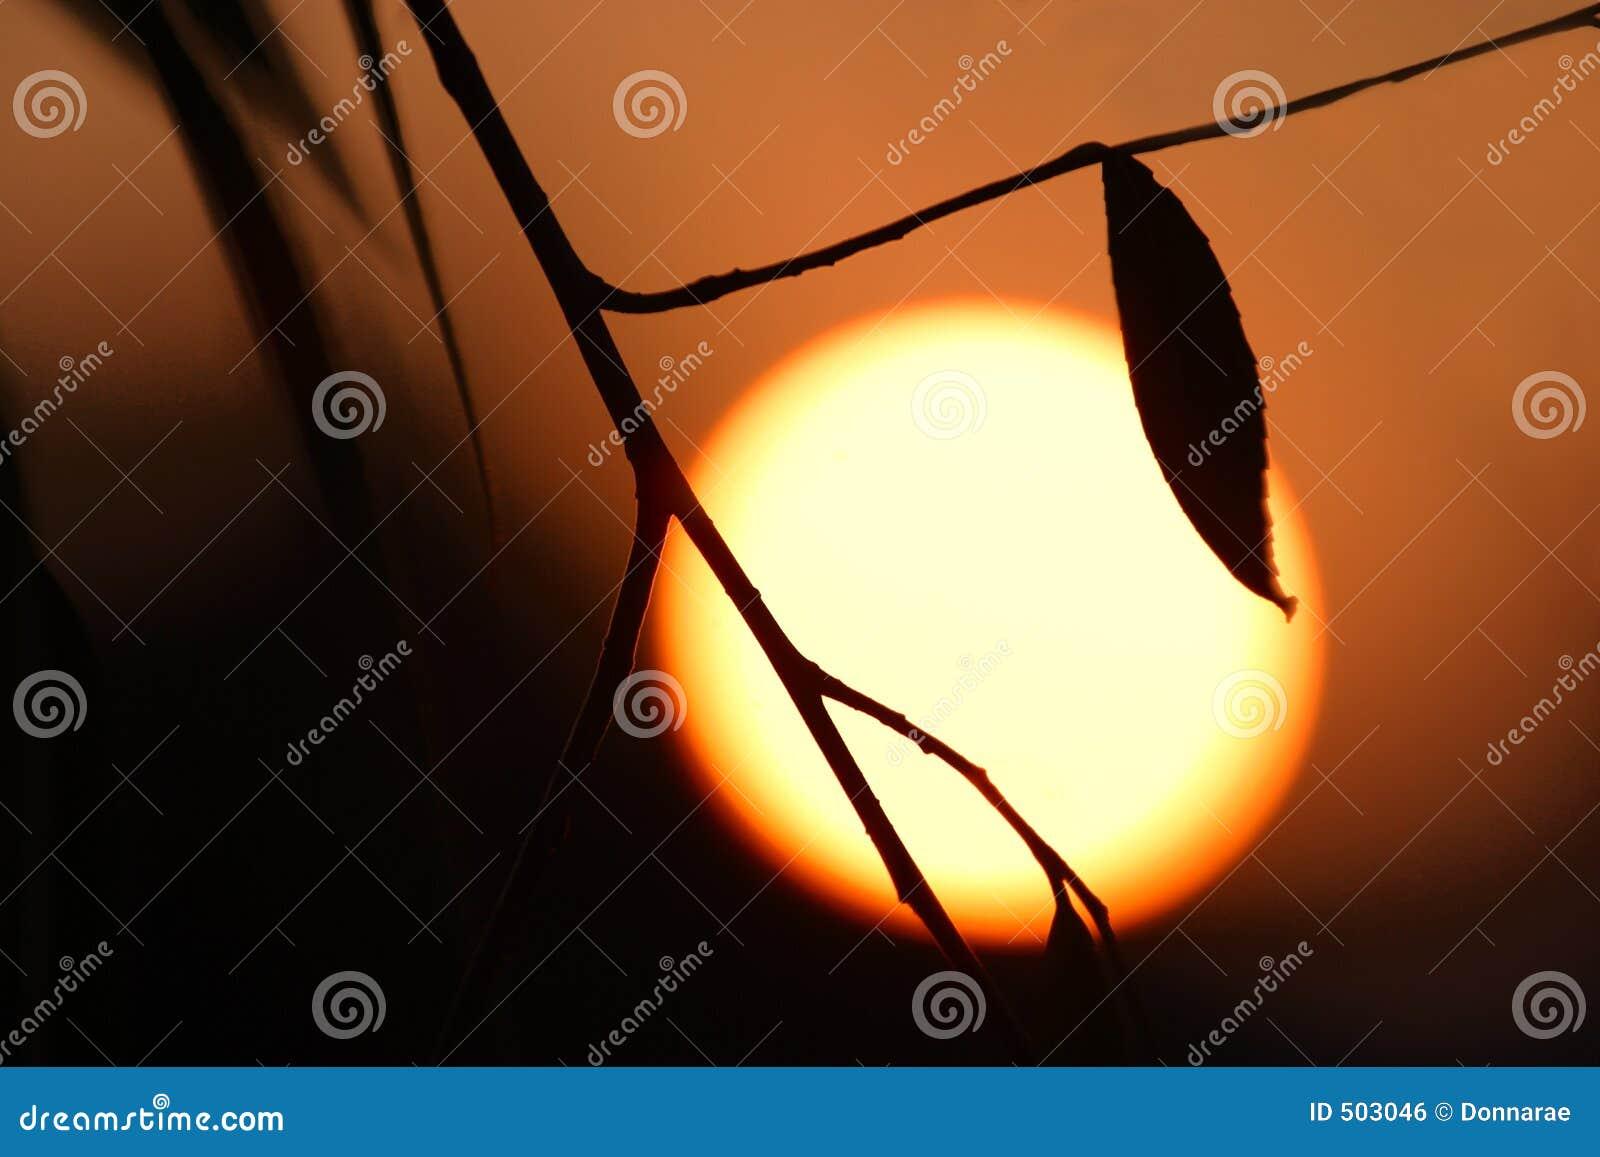 Download Värmevärme för global risk arkivfoto. Bild av soluppgång - 503046